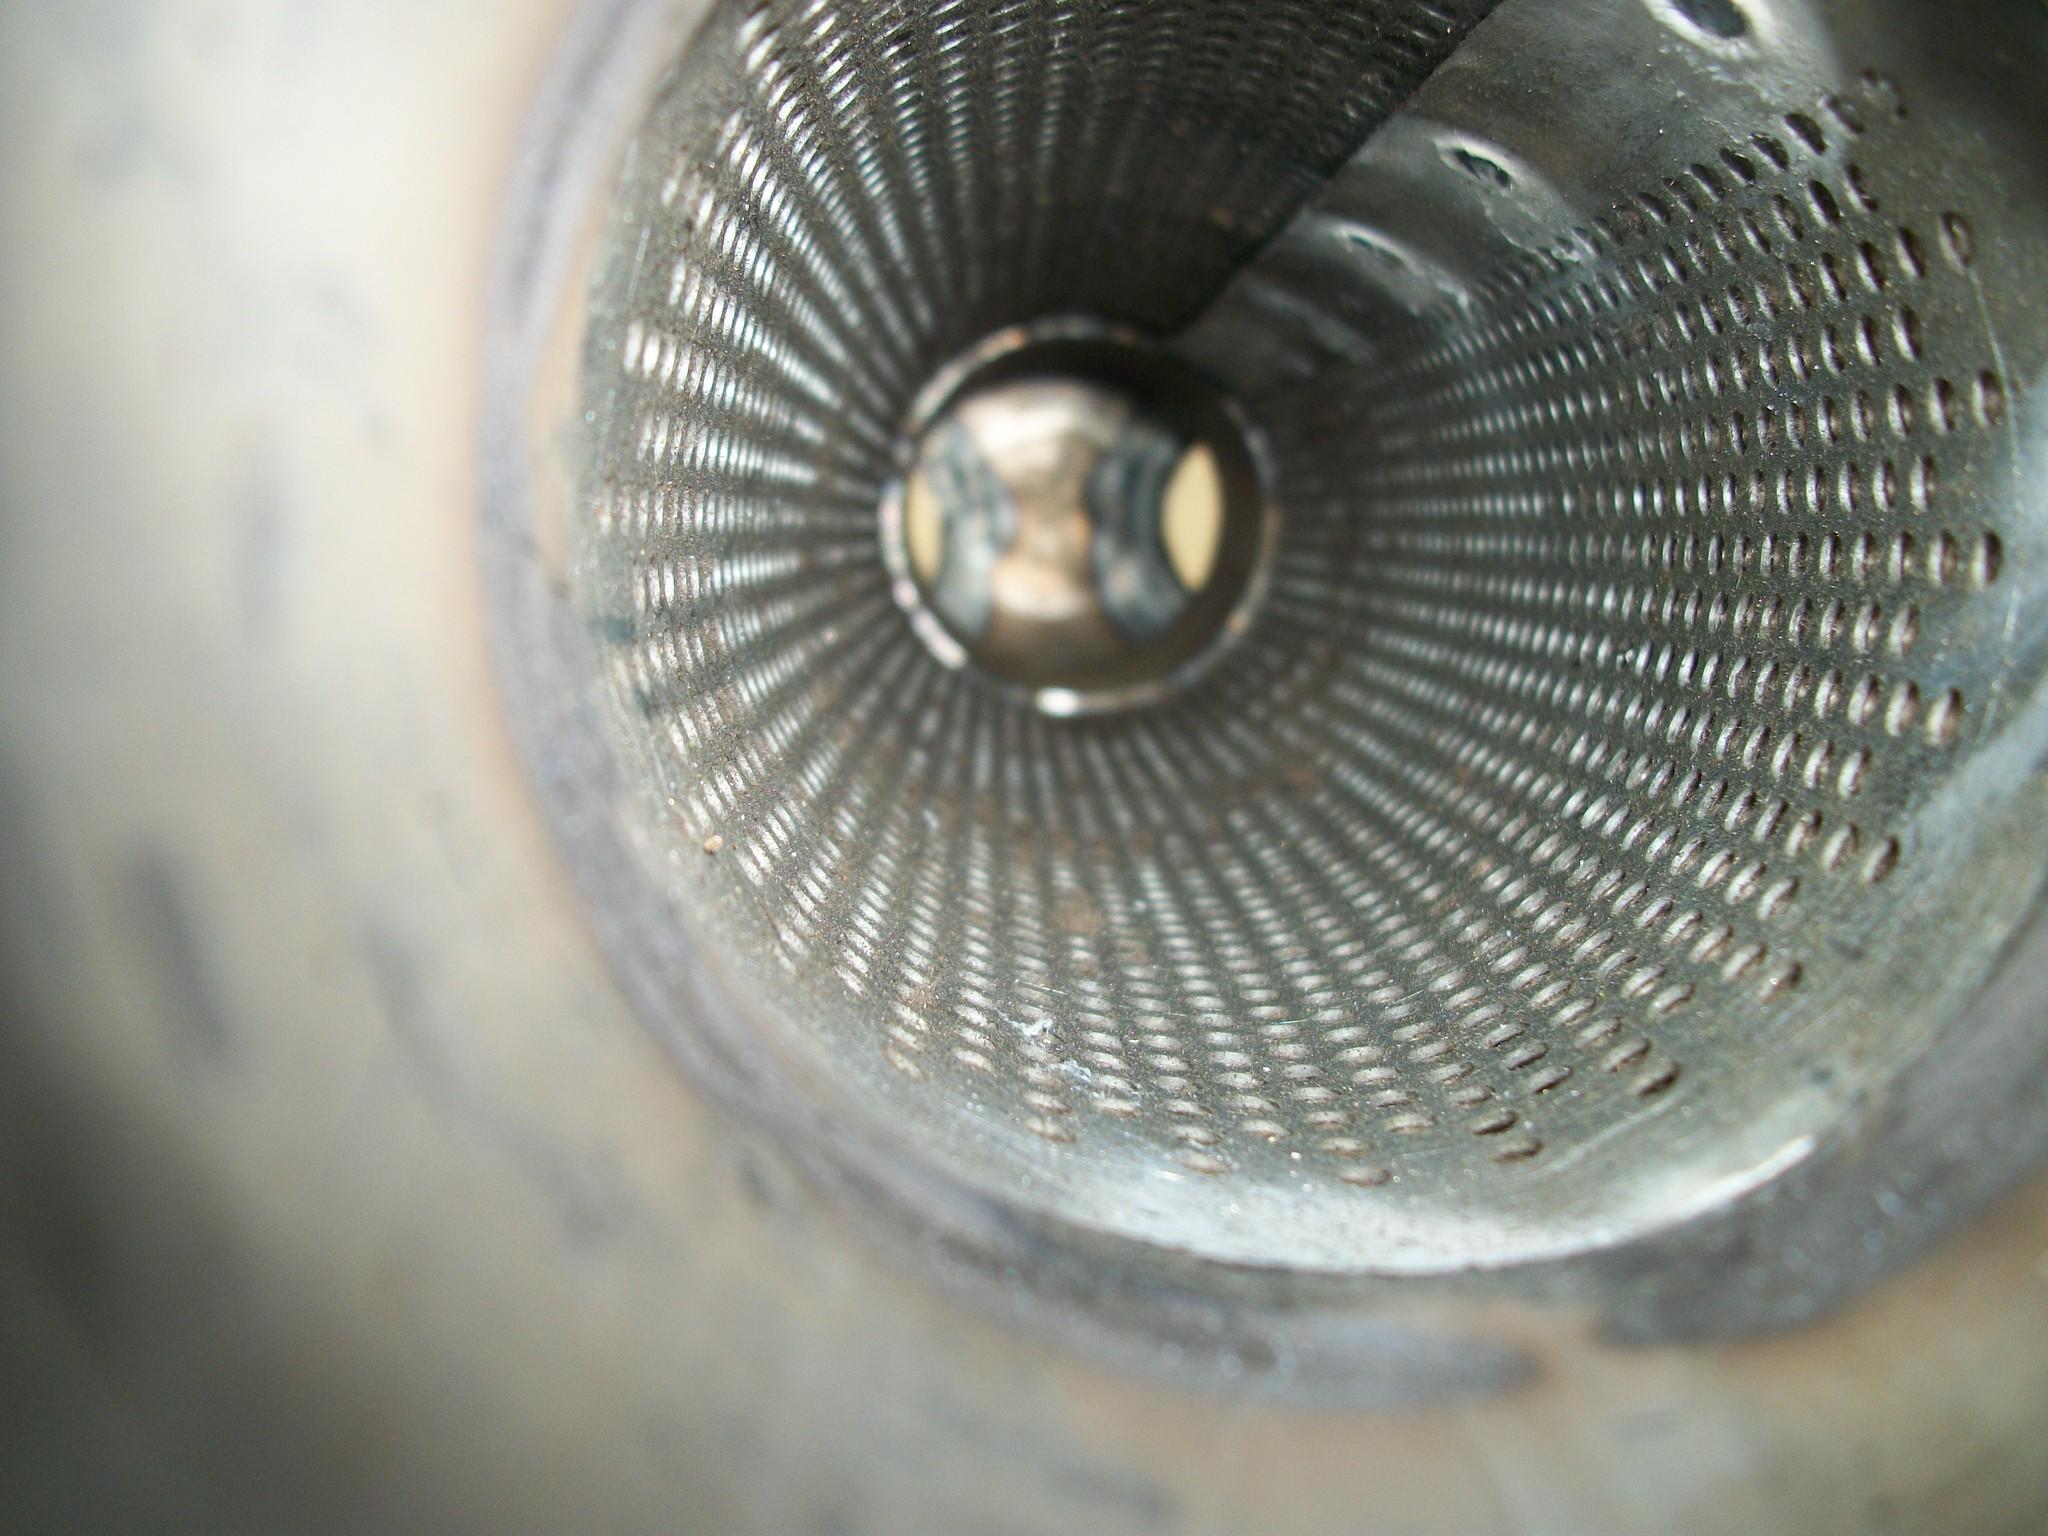 фото прямоток модель D15F вид внутри